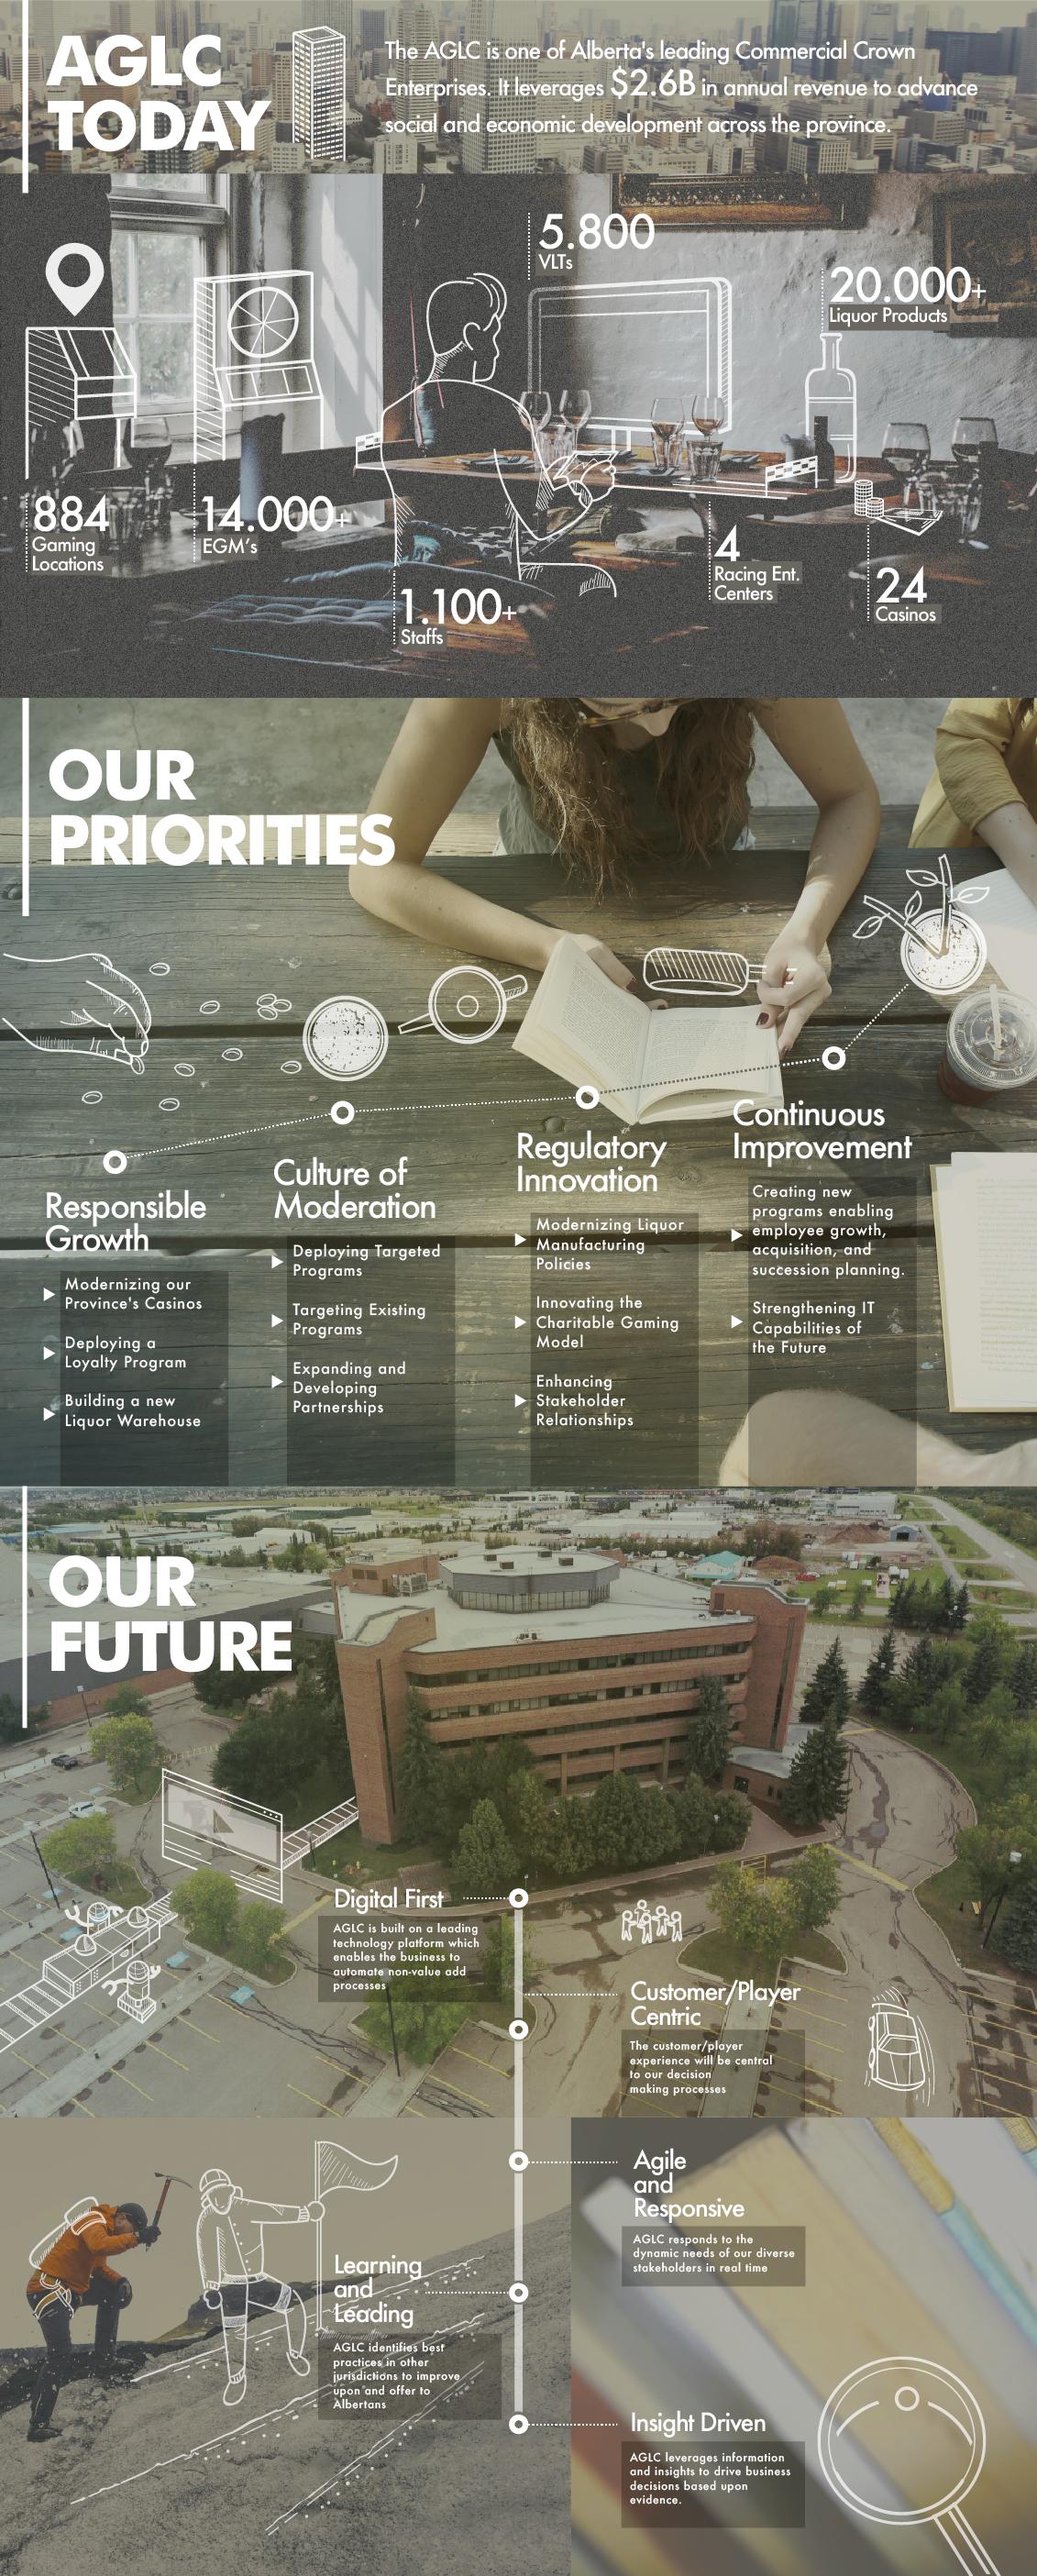 Infografik-Design von Henrylim für das Augmented Reality-Unternehmen AGLC. Echte Fotos ...#aglc #augmented #das #echte #fotos #für #henrylim #infografikdesign #realityunternehmen #von